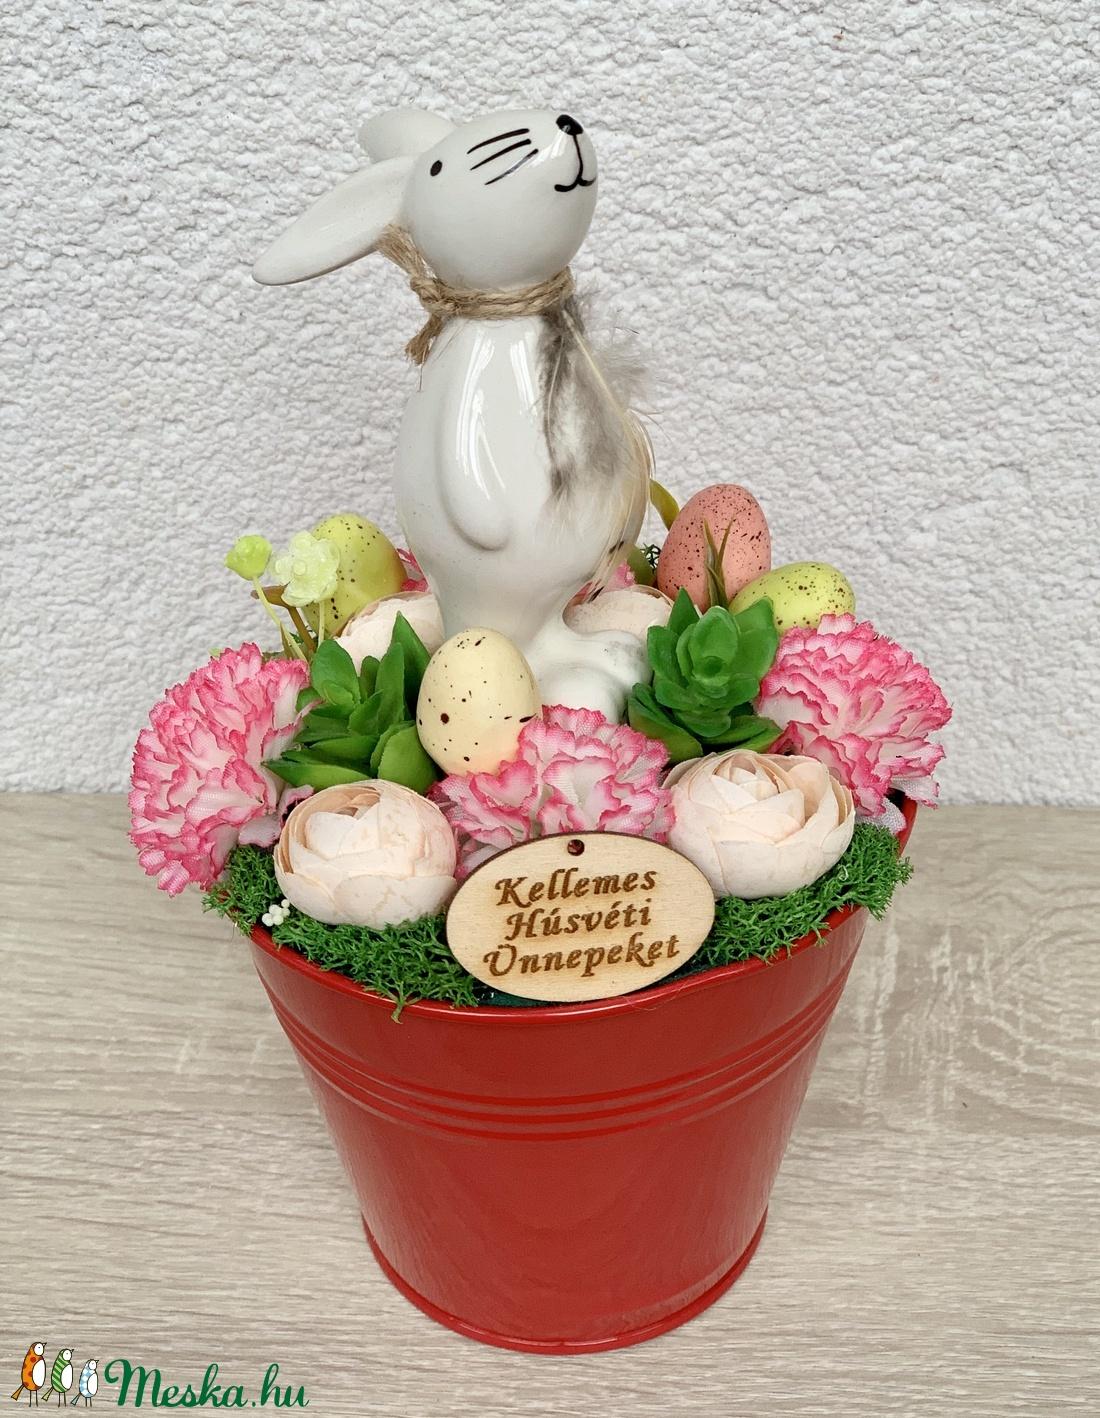 Büszke húsvéti nyuszi - asztaldísz, dekoráció (AKezmuvescsodak) - Meska.hu